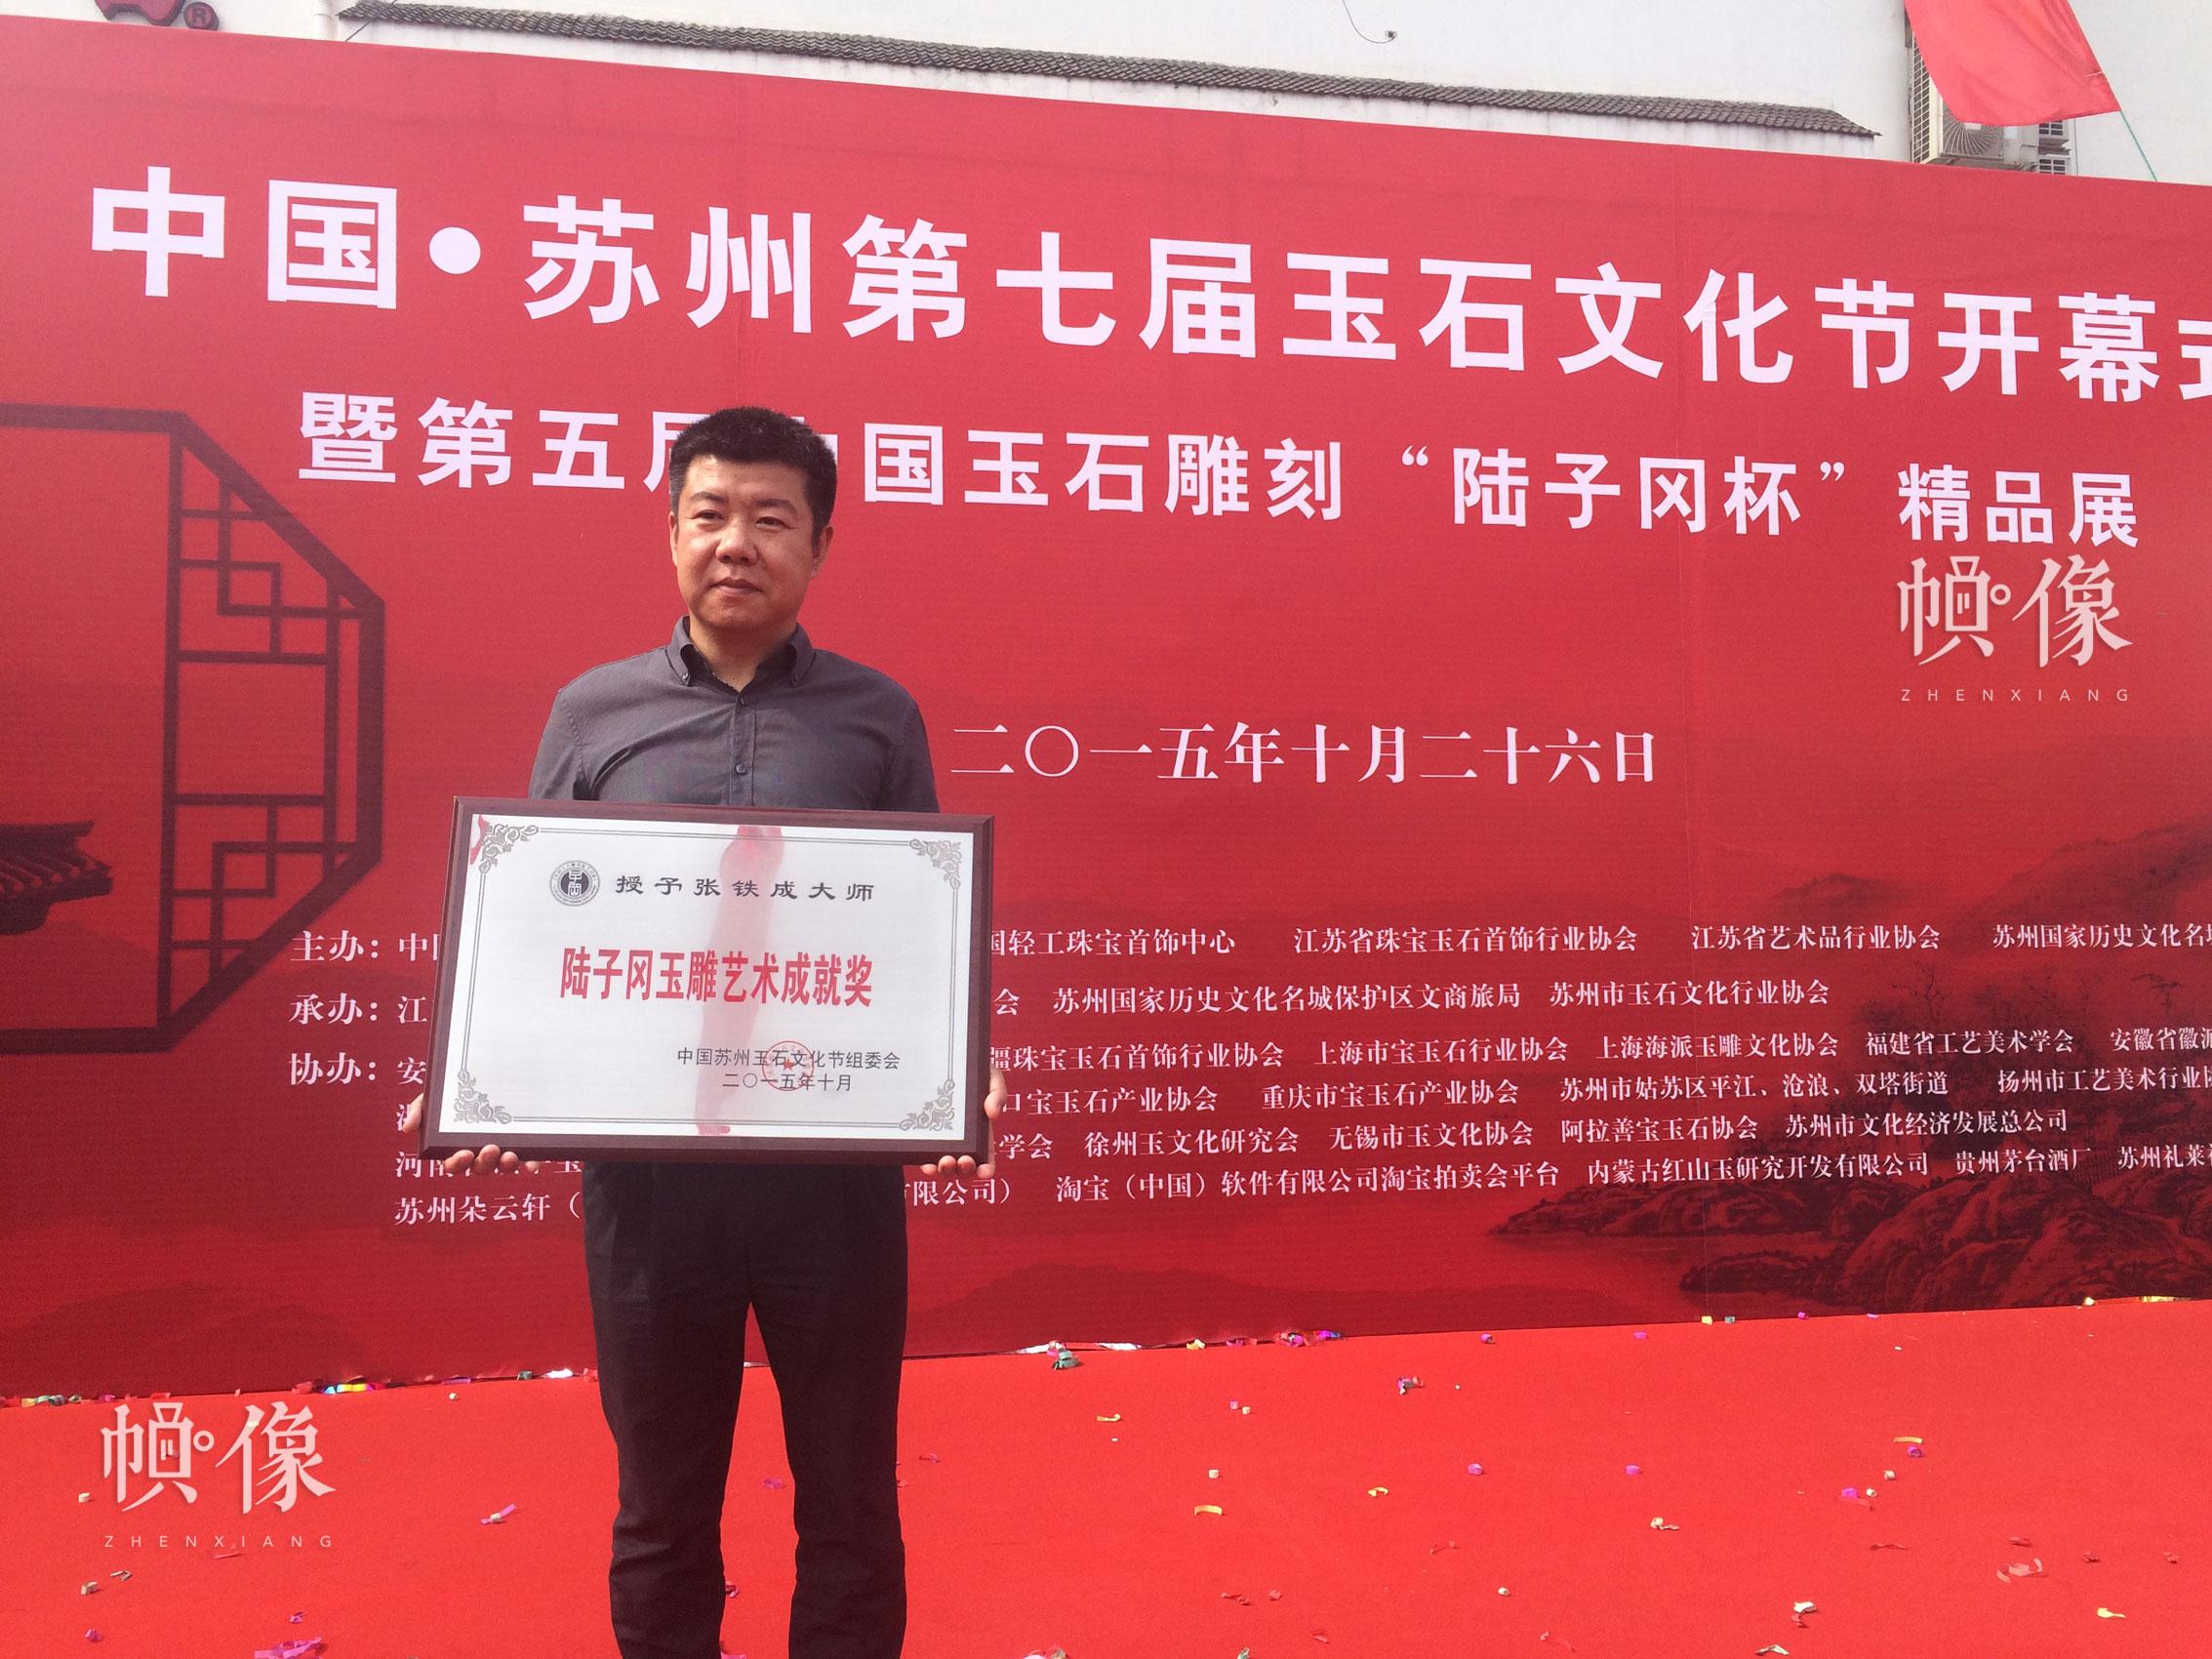 2015年10月26日,中国江苏第七届玉石文化节开幕式,张铁成获颁陆子冈玉雕艺术成就奖。张铁成大师团队供图。